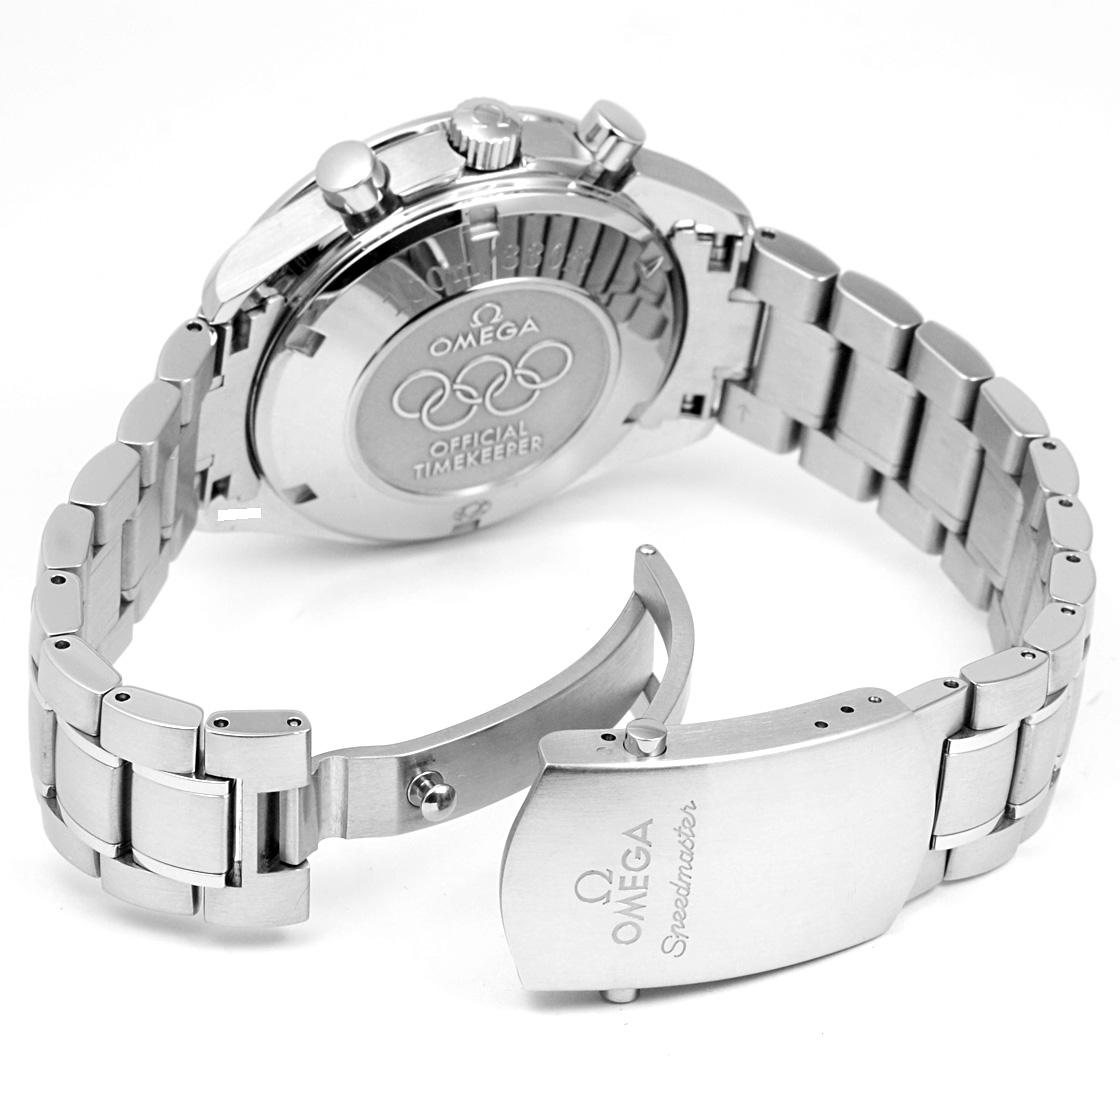 """歐米茄 323.10.40.40.04.001 速霸日期""""奧運收藏""""纏繞呼吸男裝 SS 白色錶盤阿拉伯數位索引"""